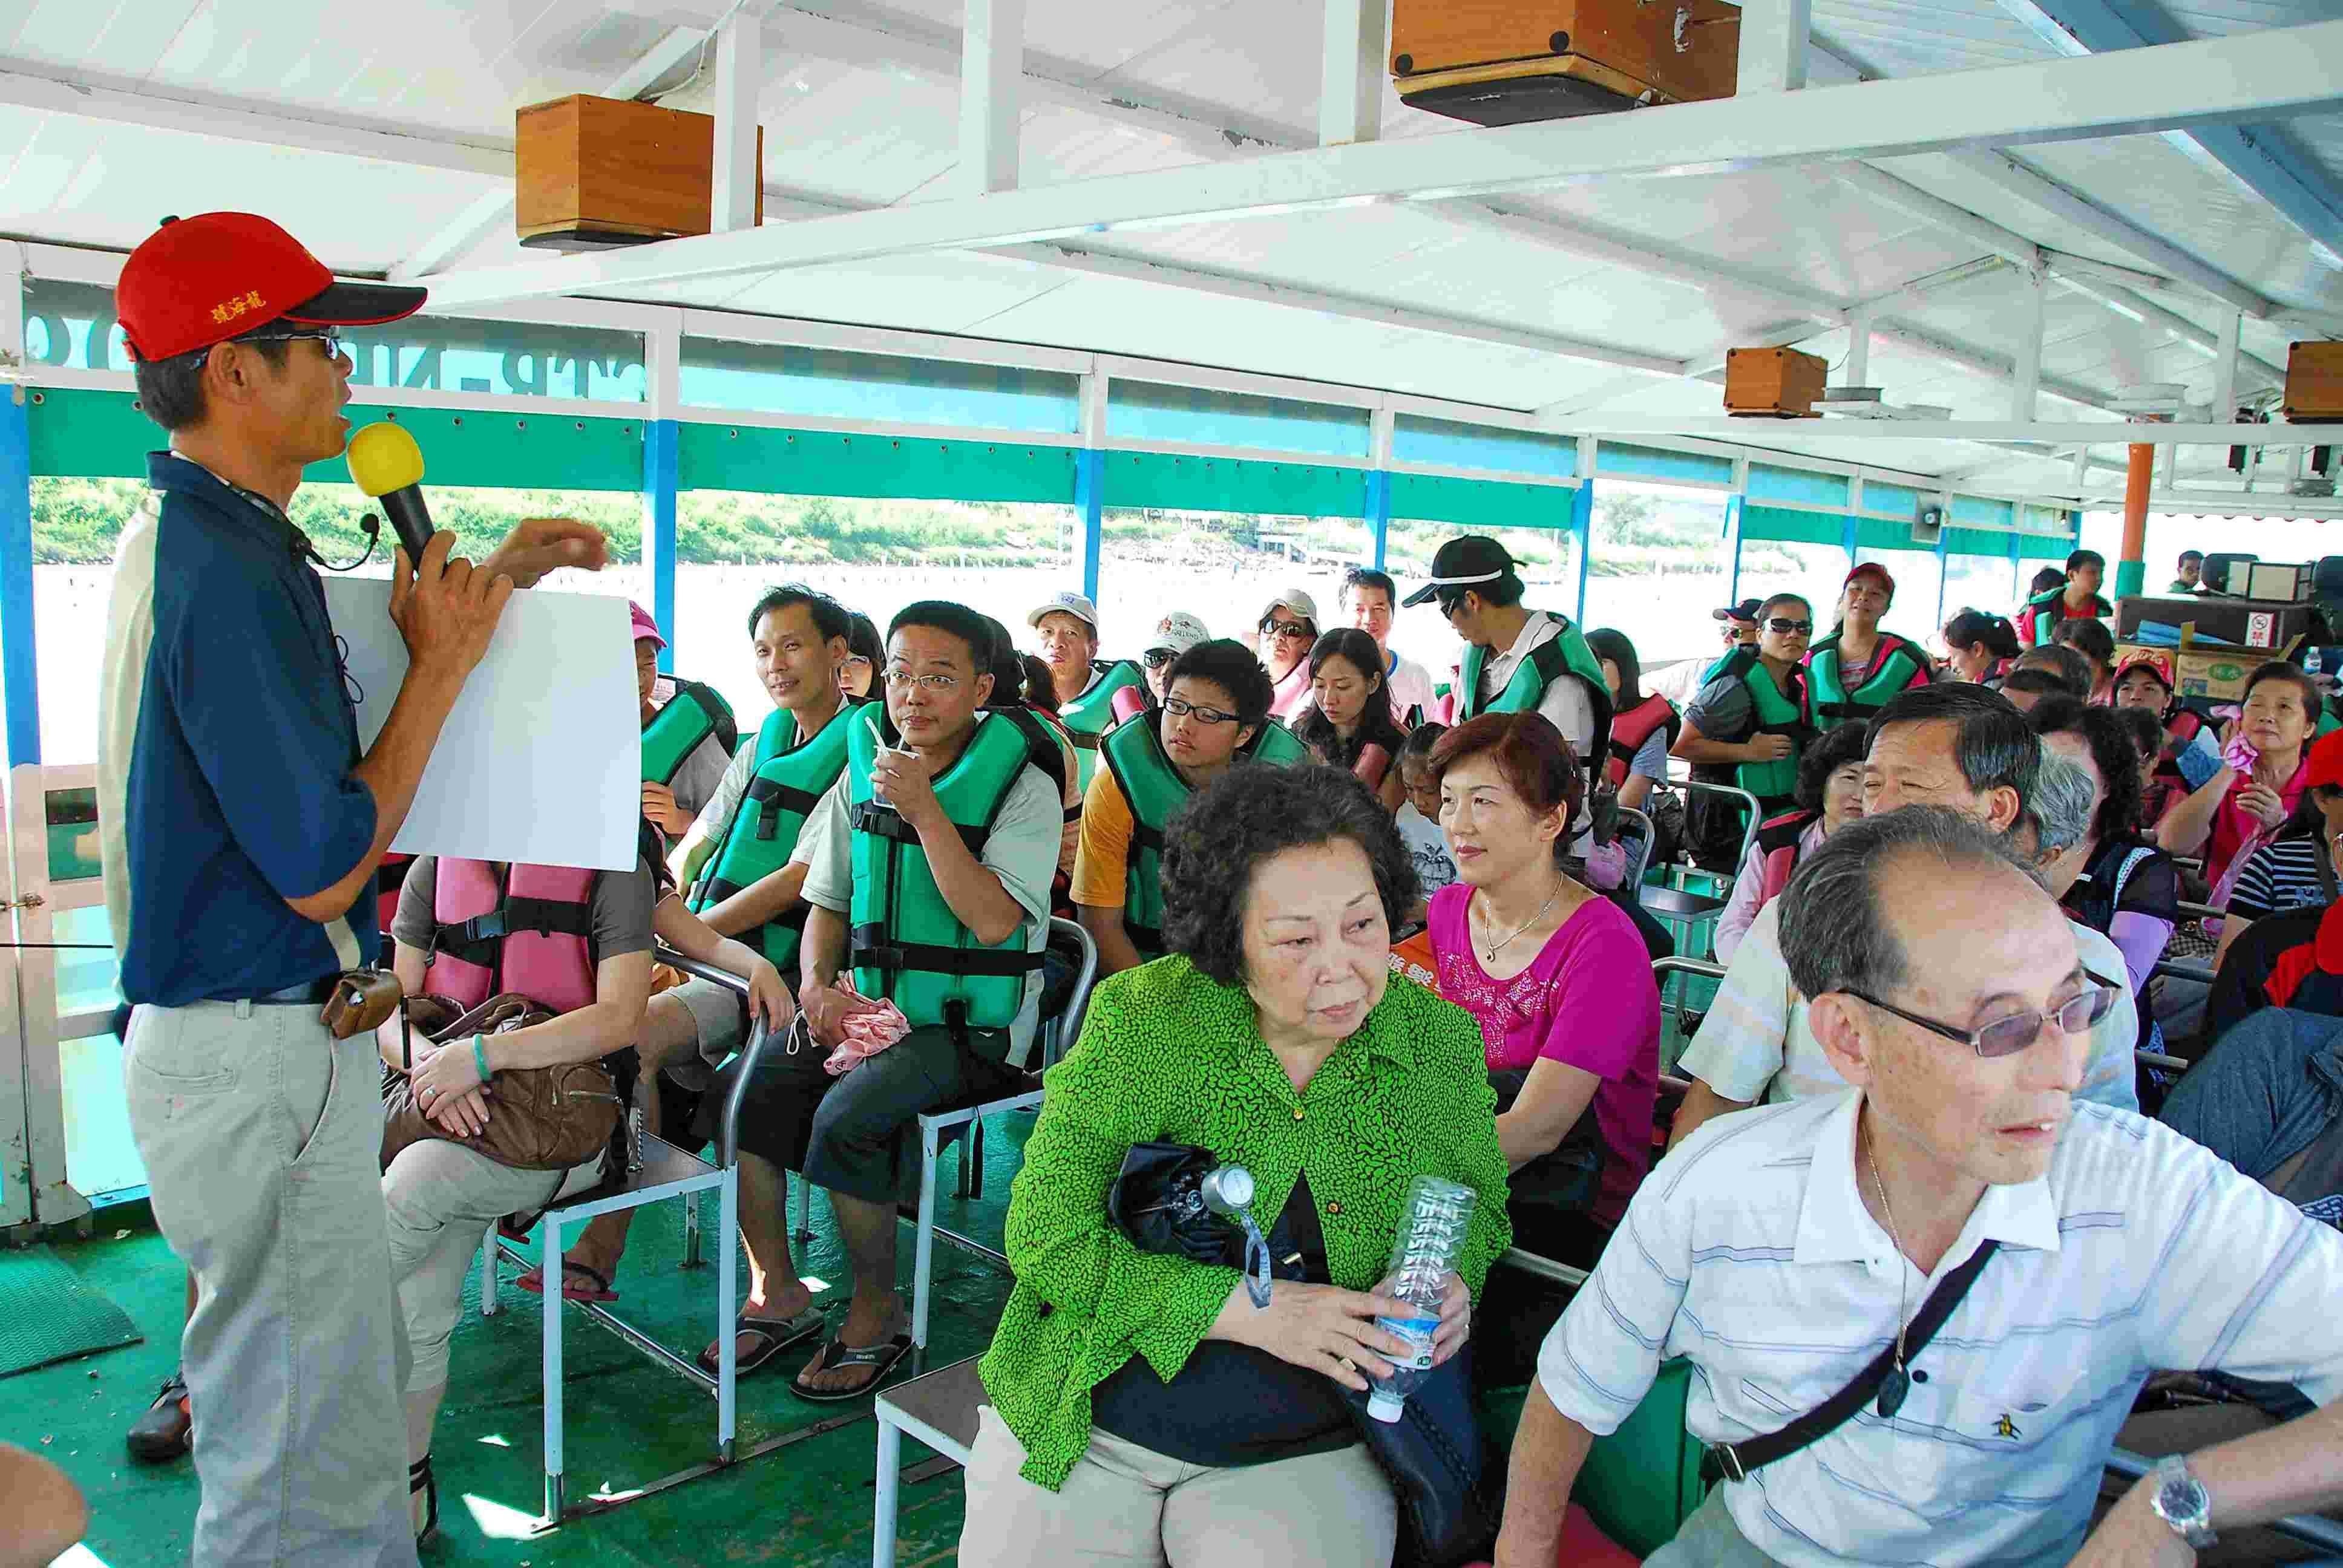 臺南市七股區公所全球資訊網,區內風景景名勝,漁筏遊潟湖介紹。